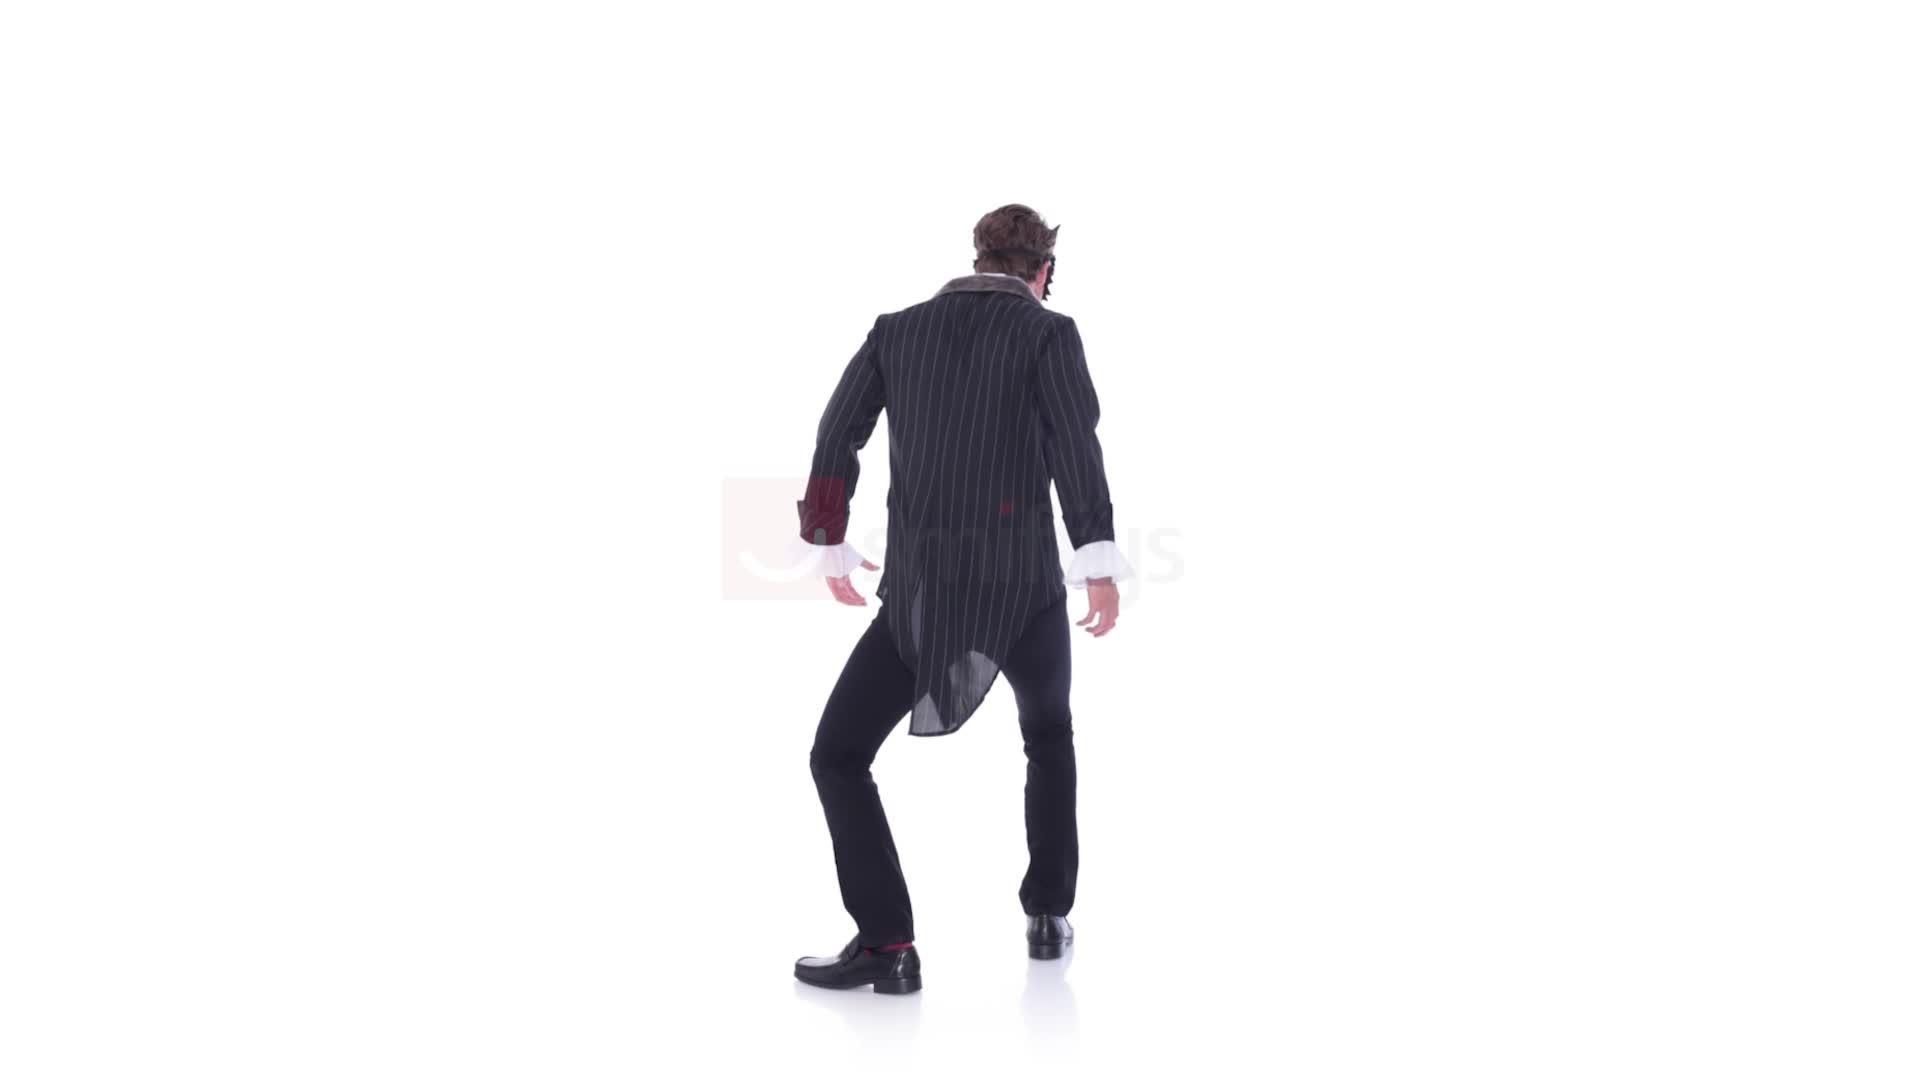 queue amovible Smiffys Costume grand m/échant loup Deluxe fausse che avec veste Gris